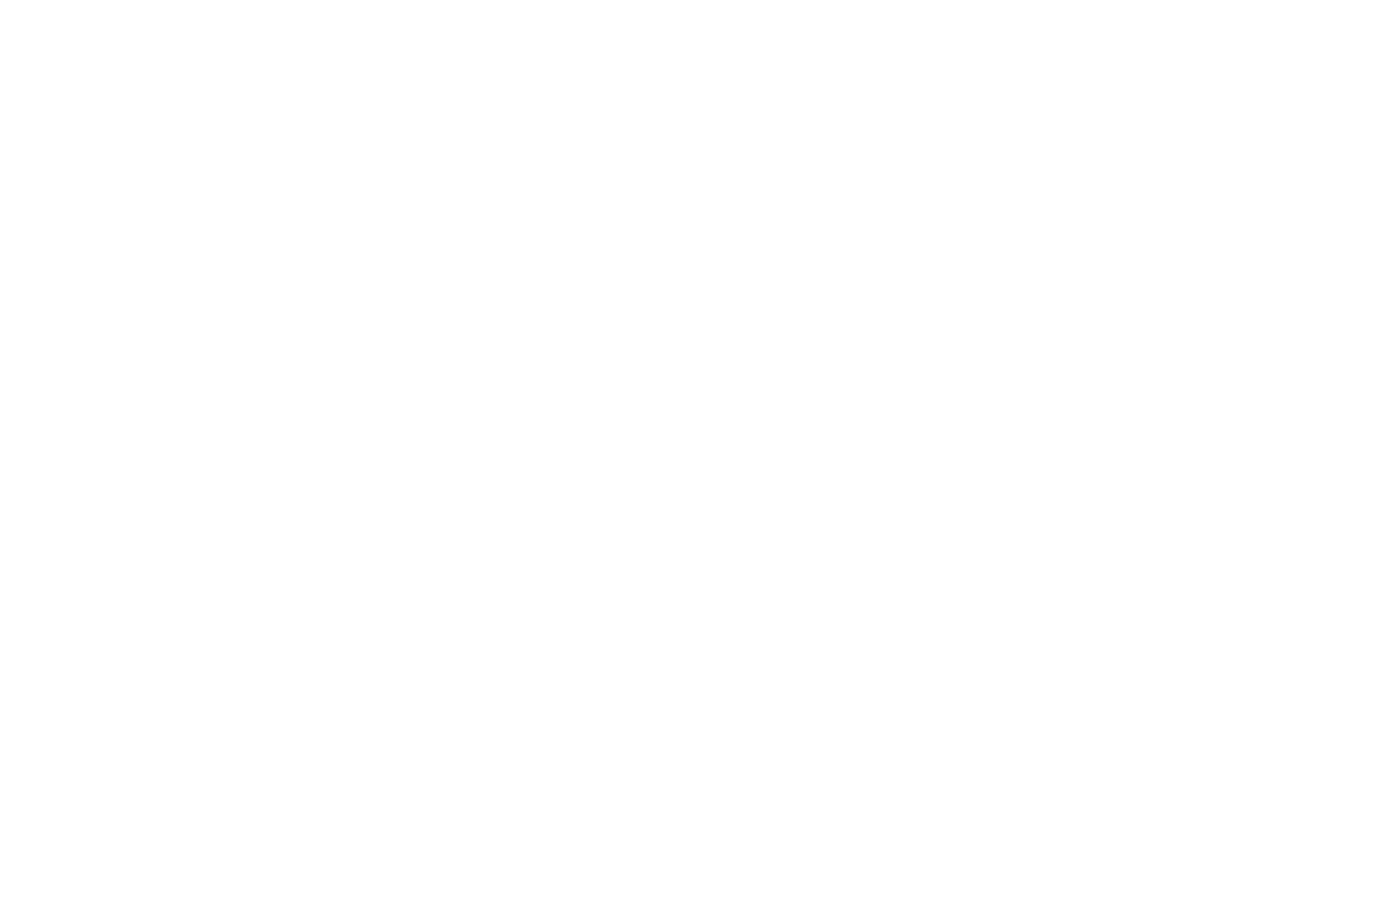 CAVALLO RESTAURANT